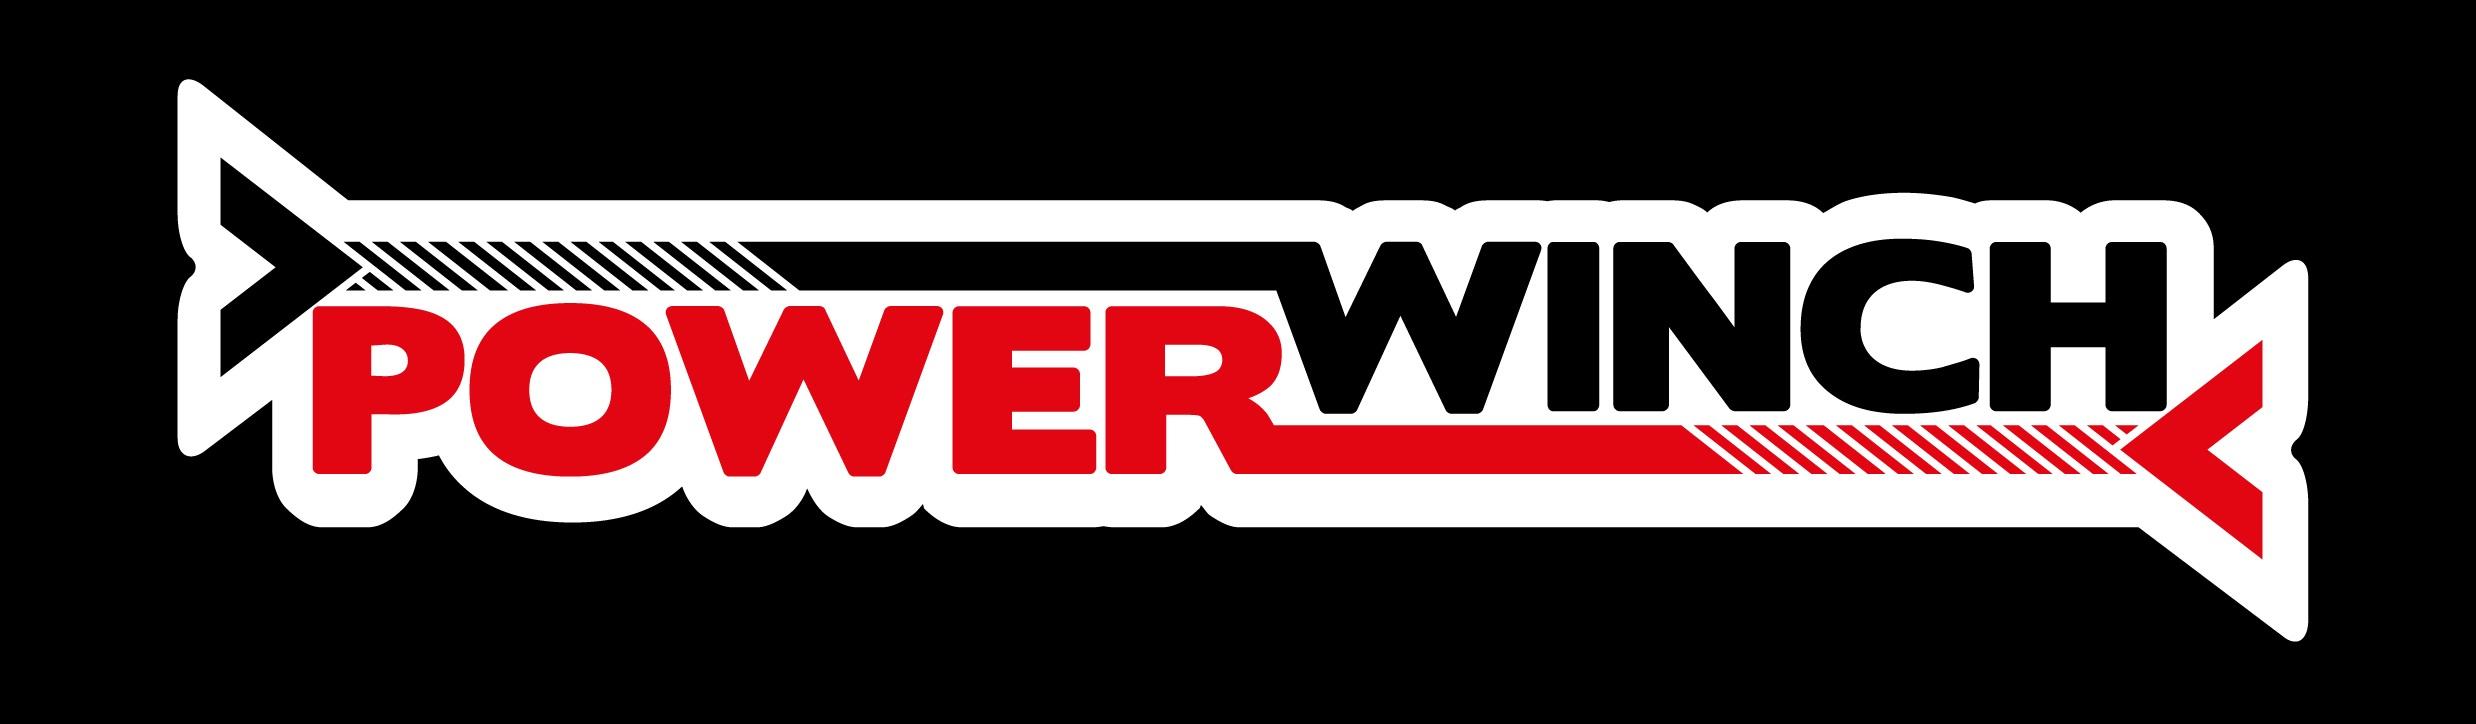 Powerwinch vintsid maasturitele, atv ja UTV-del. Vintside lisavarustus